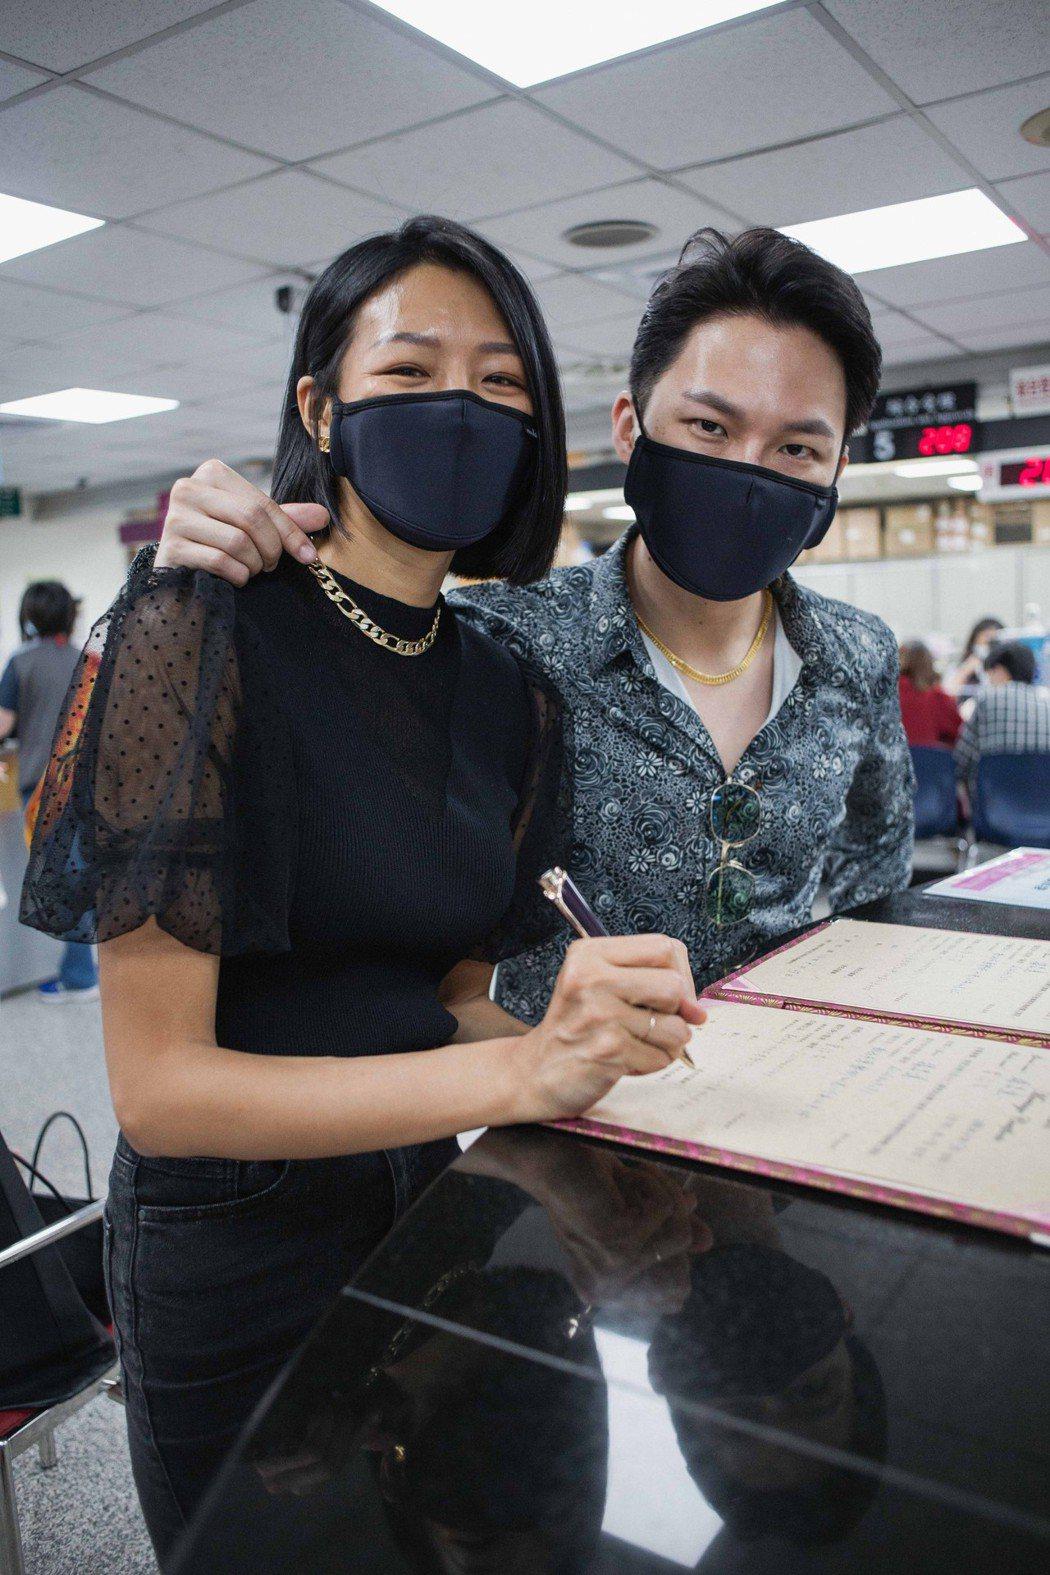 若綺與楊昇達到戶政事務所辦理結婚登記。圖/伊林娛樂提供